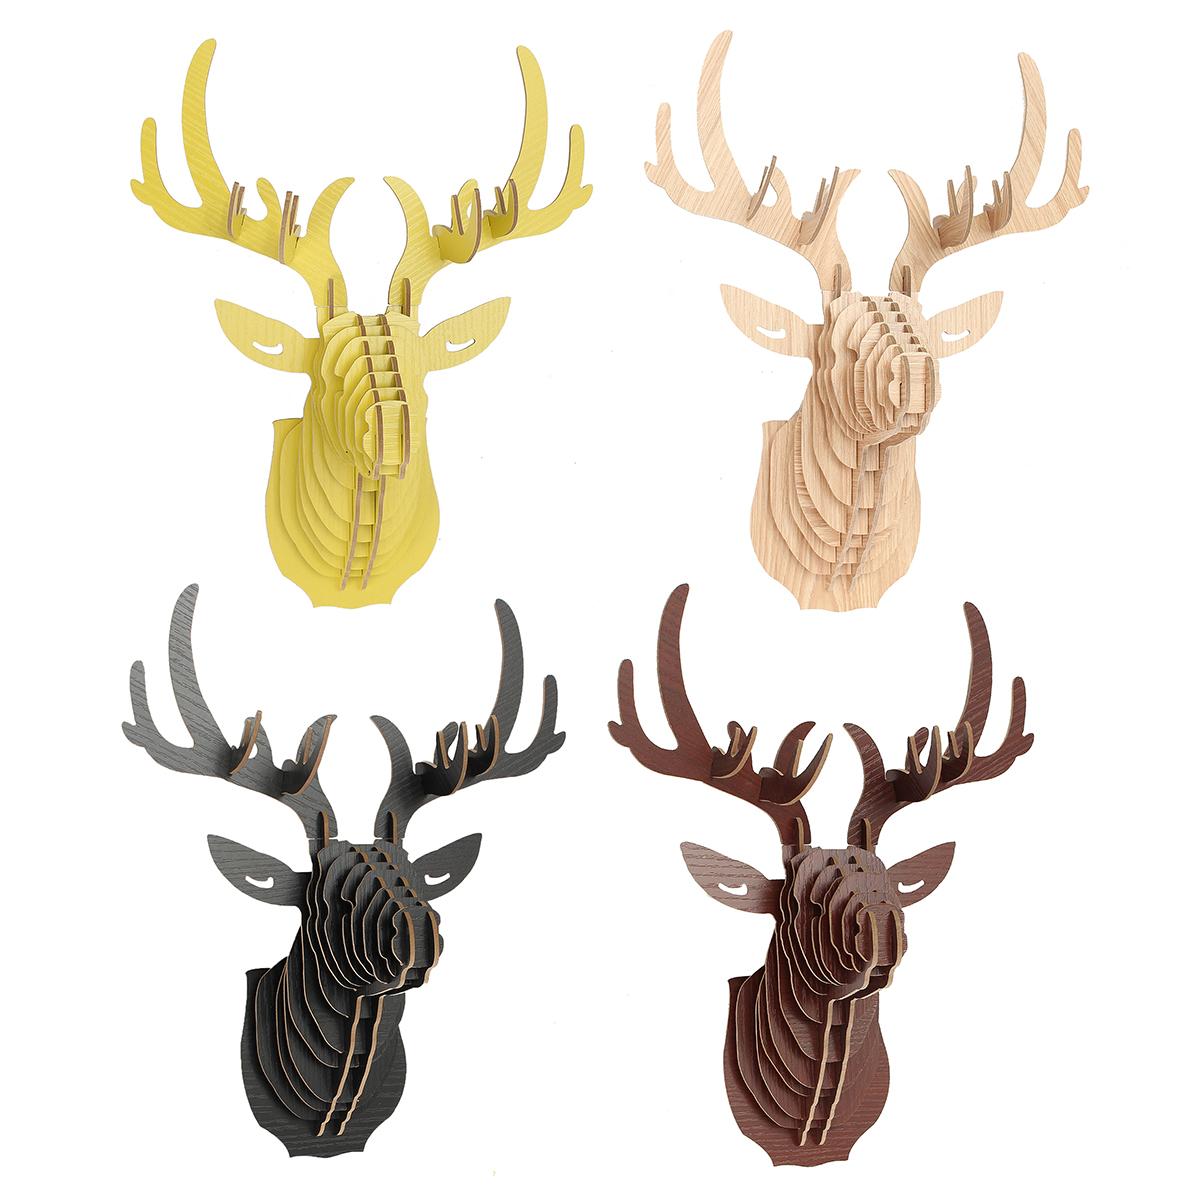 Diy 3d bois sculpture de t te de cerf murale orn d cor for Tete de cerf murale